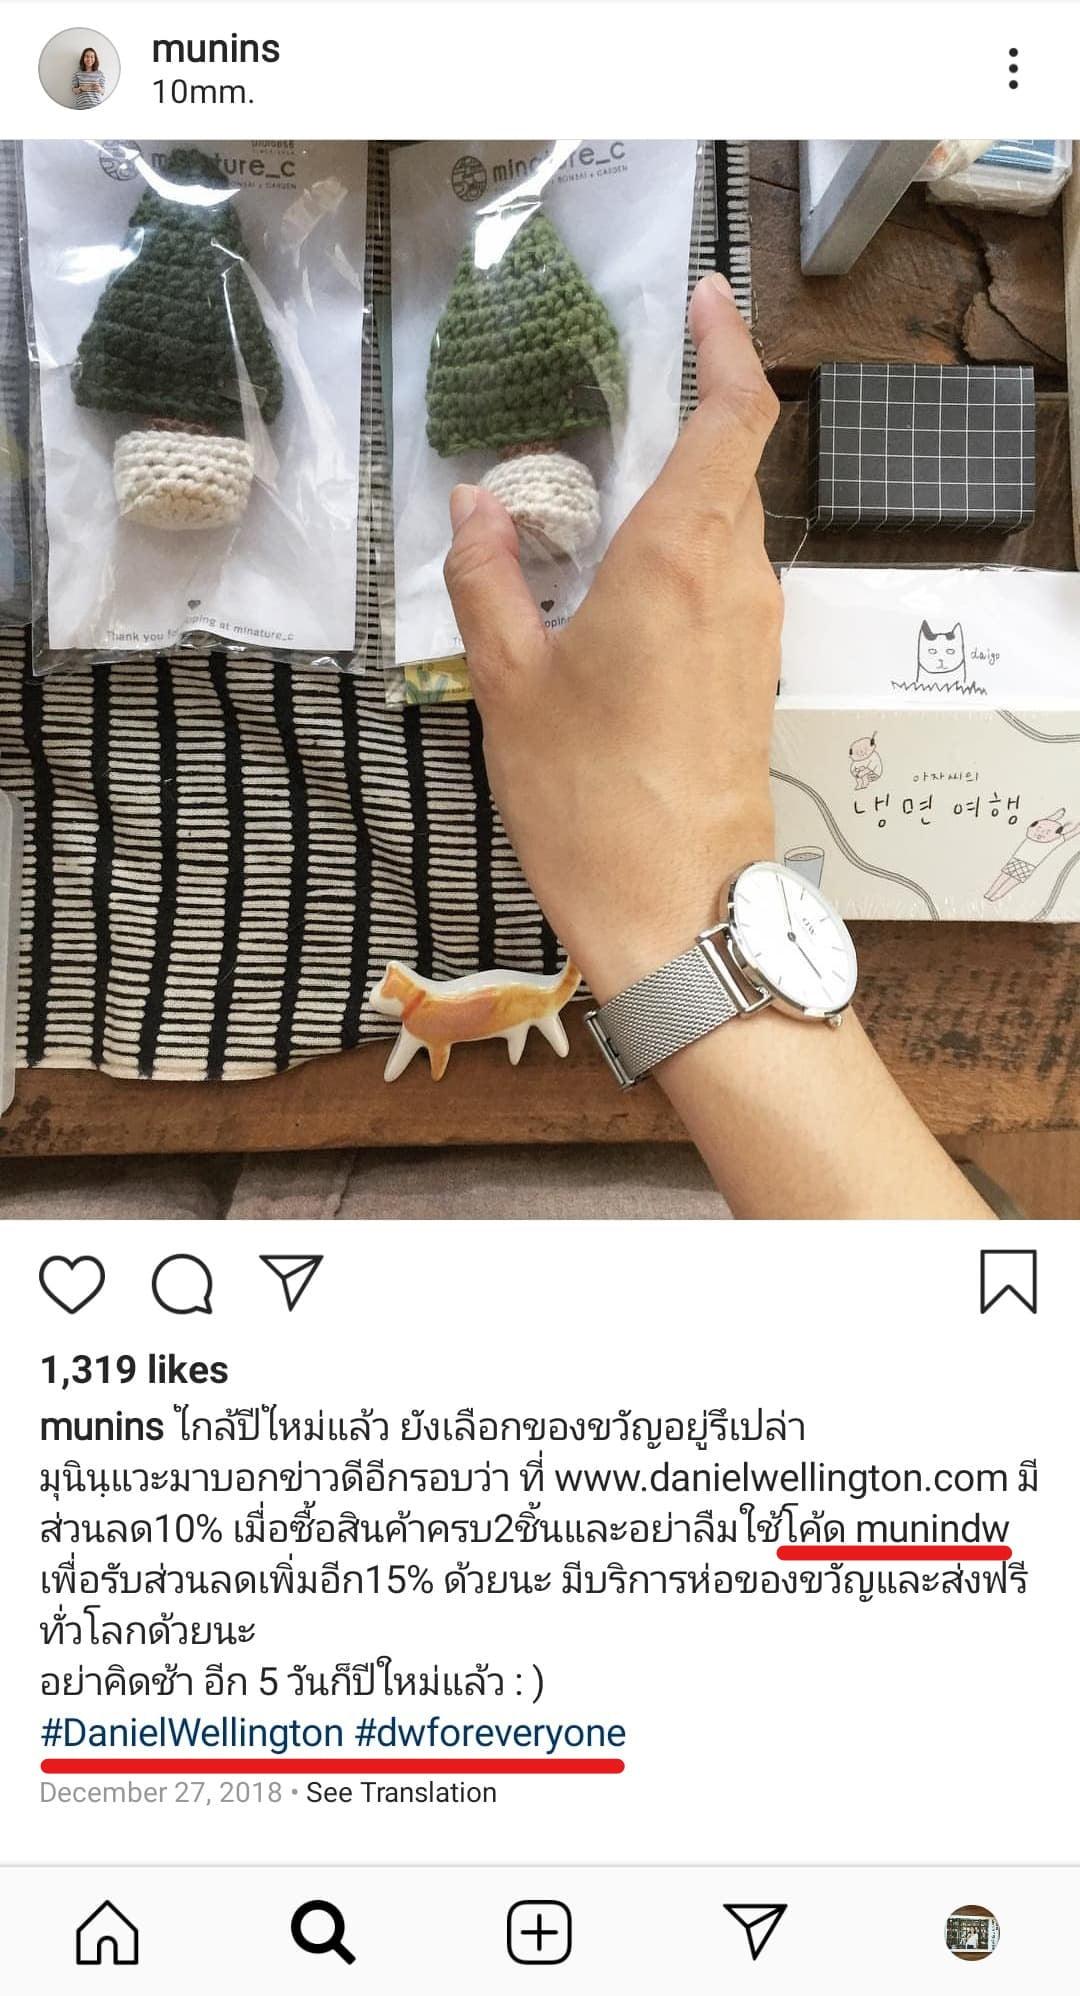 หาเงินบน Instagram, ขายของในไอจี, หาเงินออนไลน์